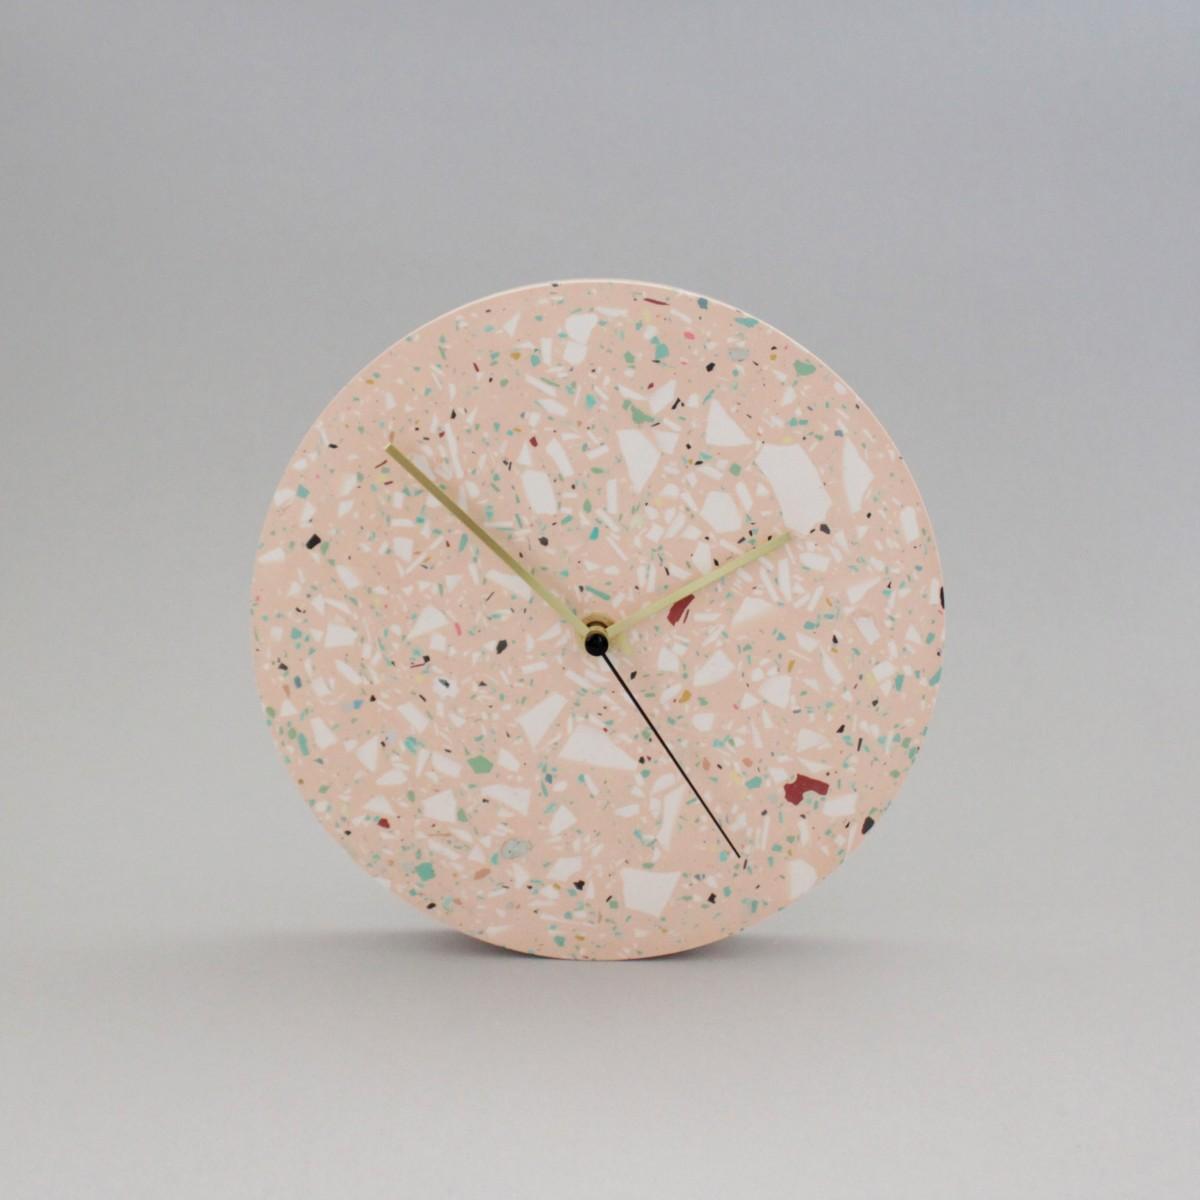 Terrazzo Wanduhr mit Uhrzeiger aus Messing / Koralle / objet vague